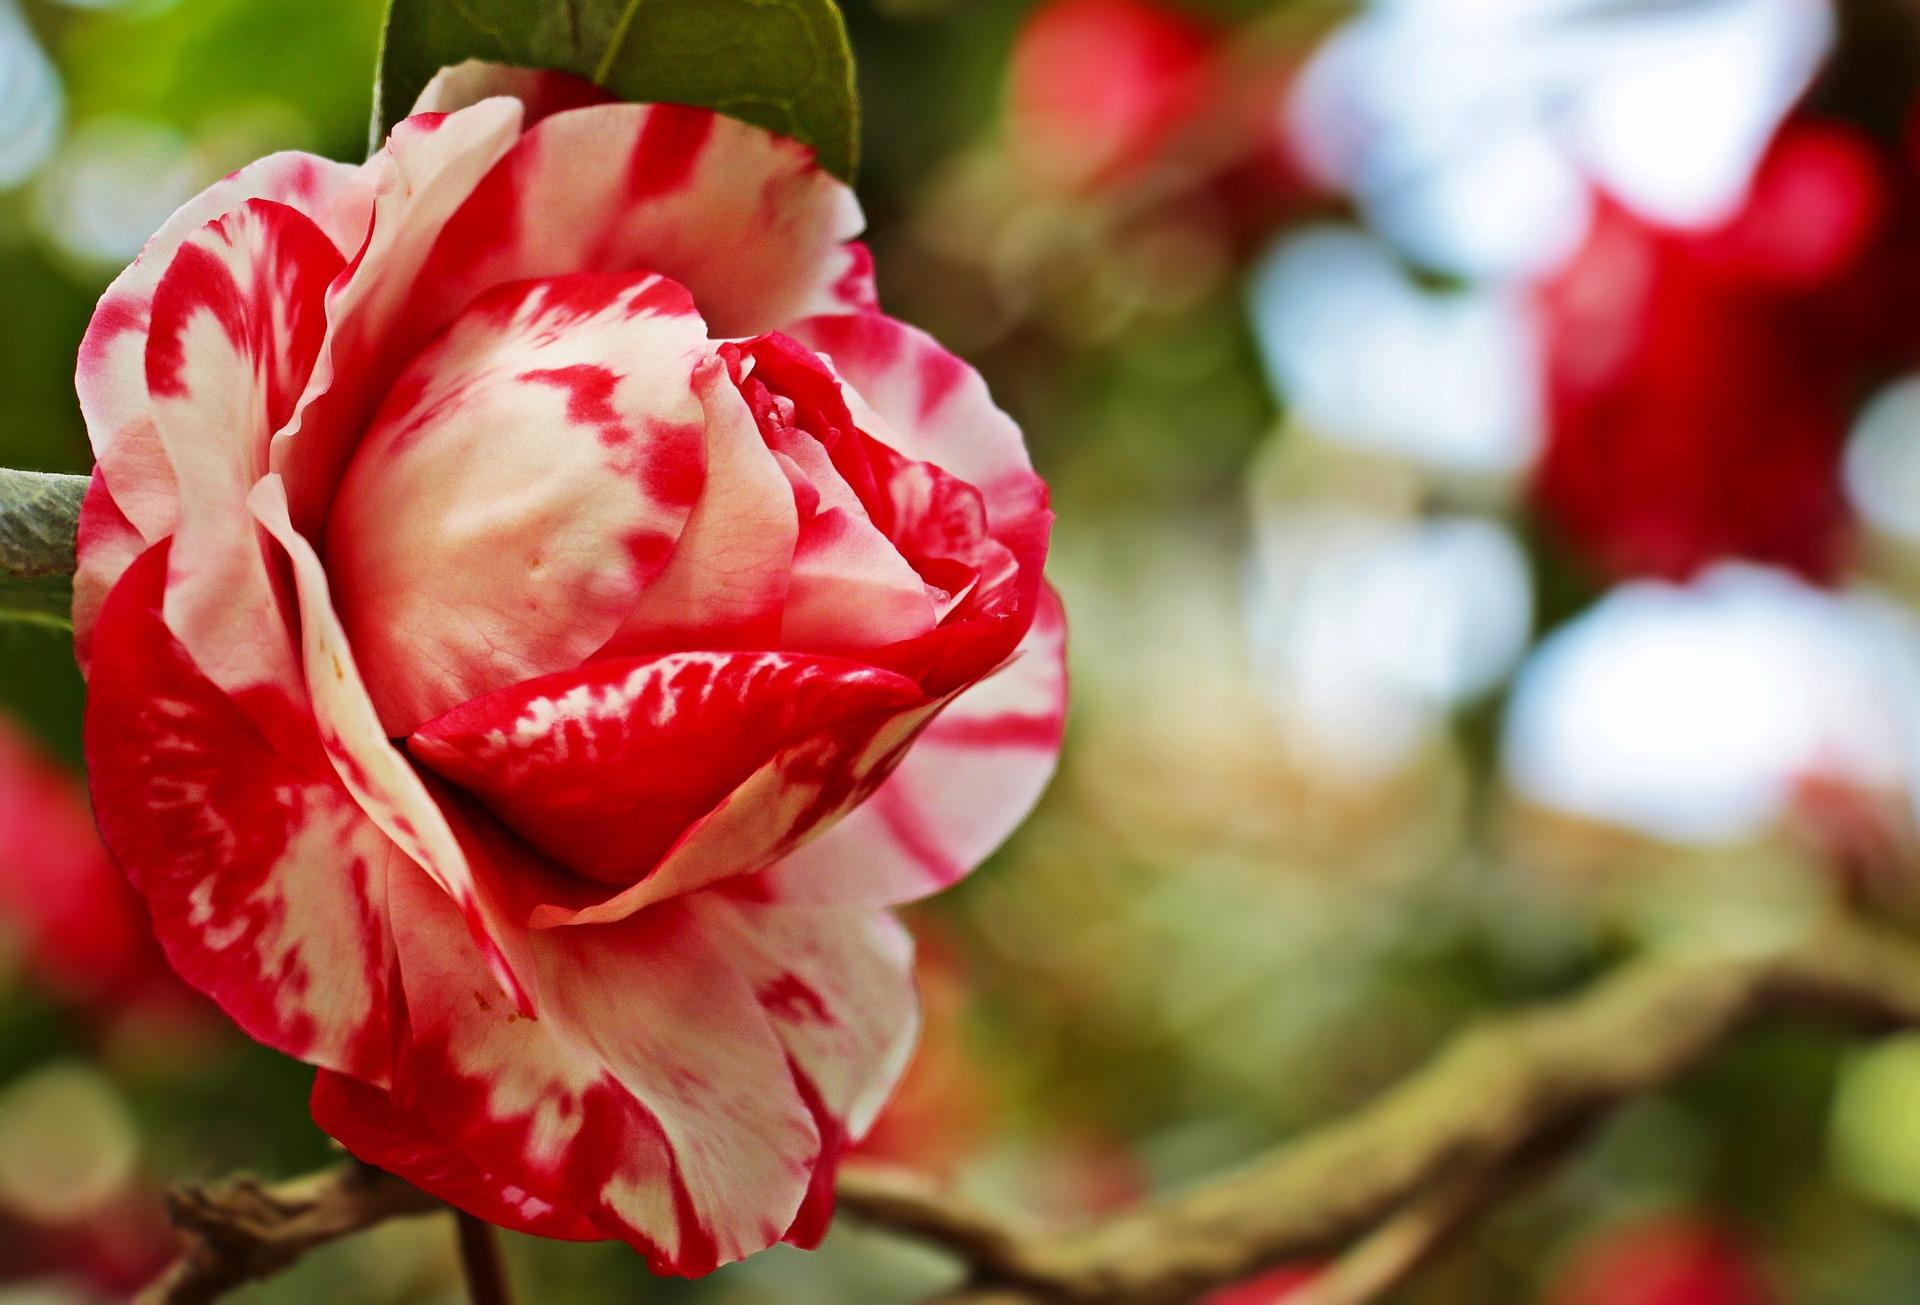 بالصور صور ورود جميلة , خلفيات رومانسية للعشاق بطعم الورد 3545 8